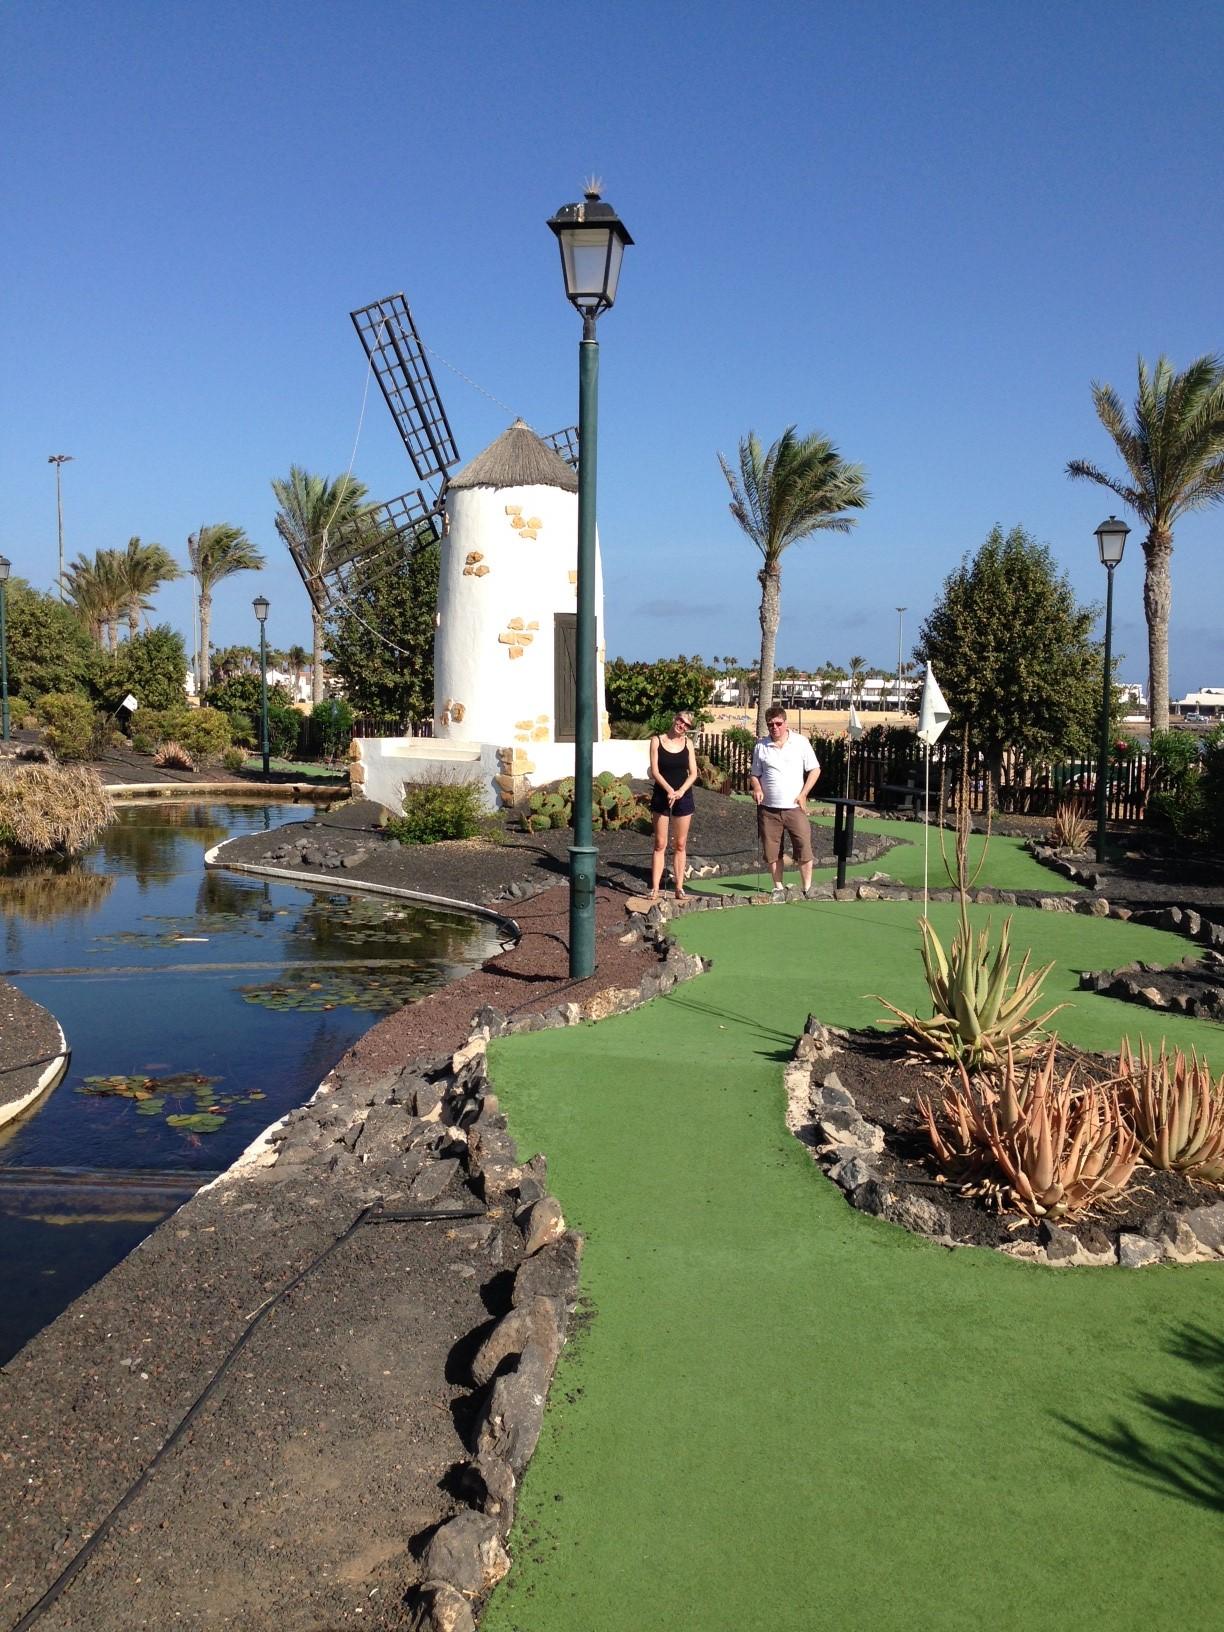 Barceló Castillo Beach Resort, Fuerteventura, Canary Islands